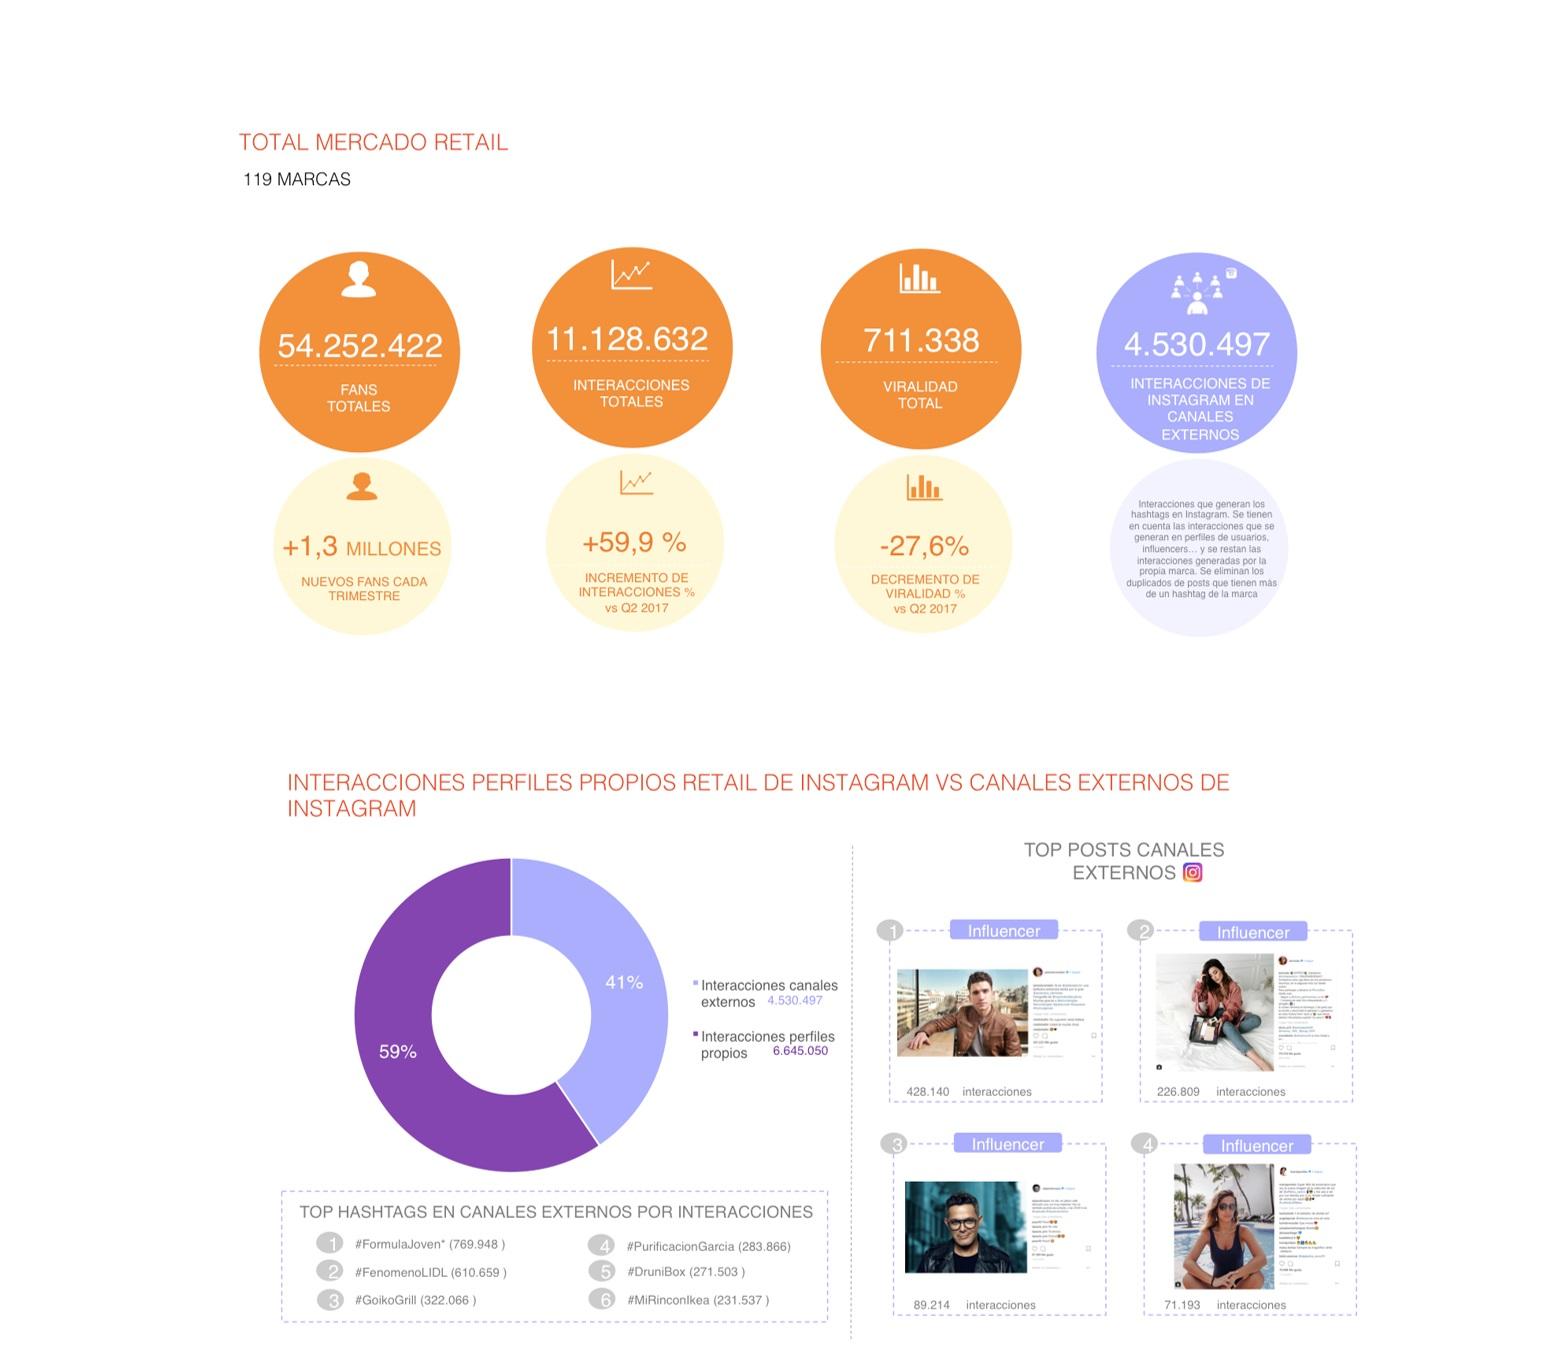 https://www.programapublicidad.com/wp-content/uploads/2018/07/mercado-retail-interacciones-perfiles-propios-canales-externos-PanelIcarus-Gran-Consumo1Q2018-programapublicidad-muy-grande.jpg